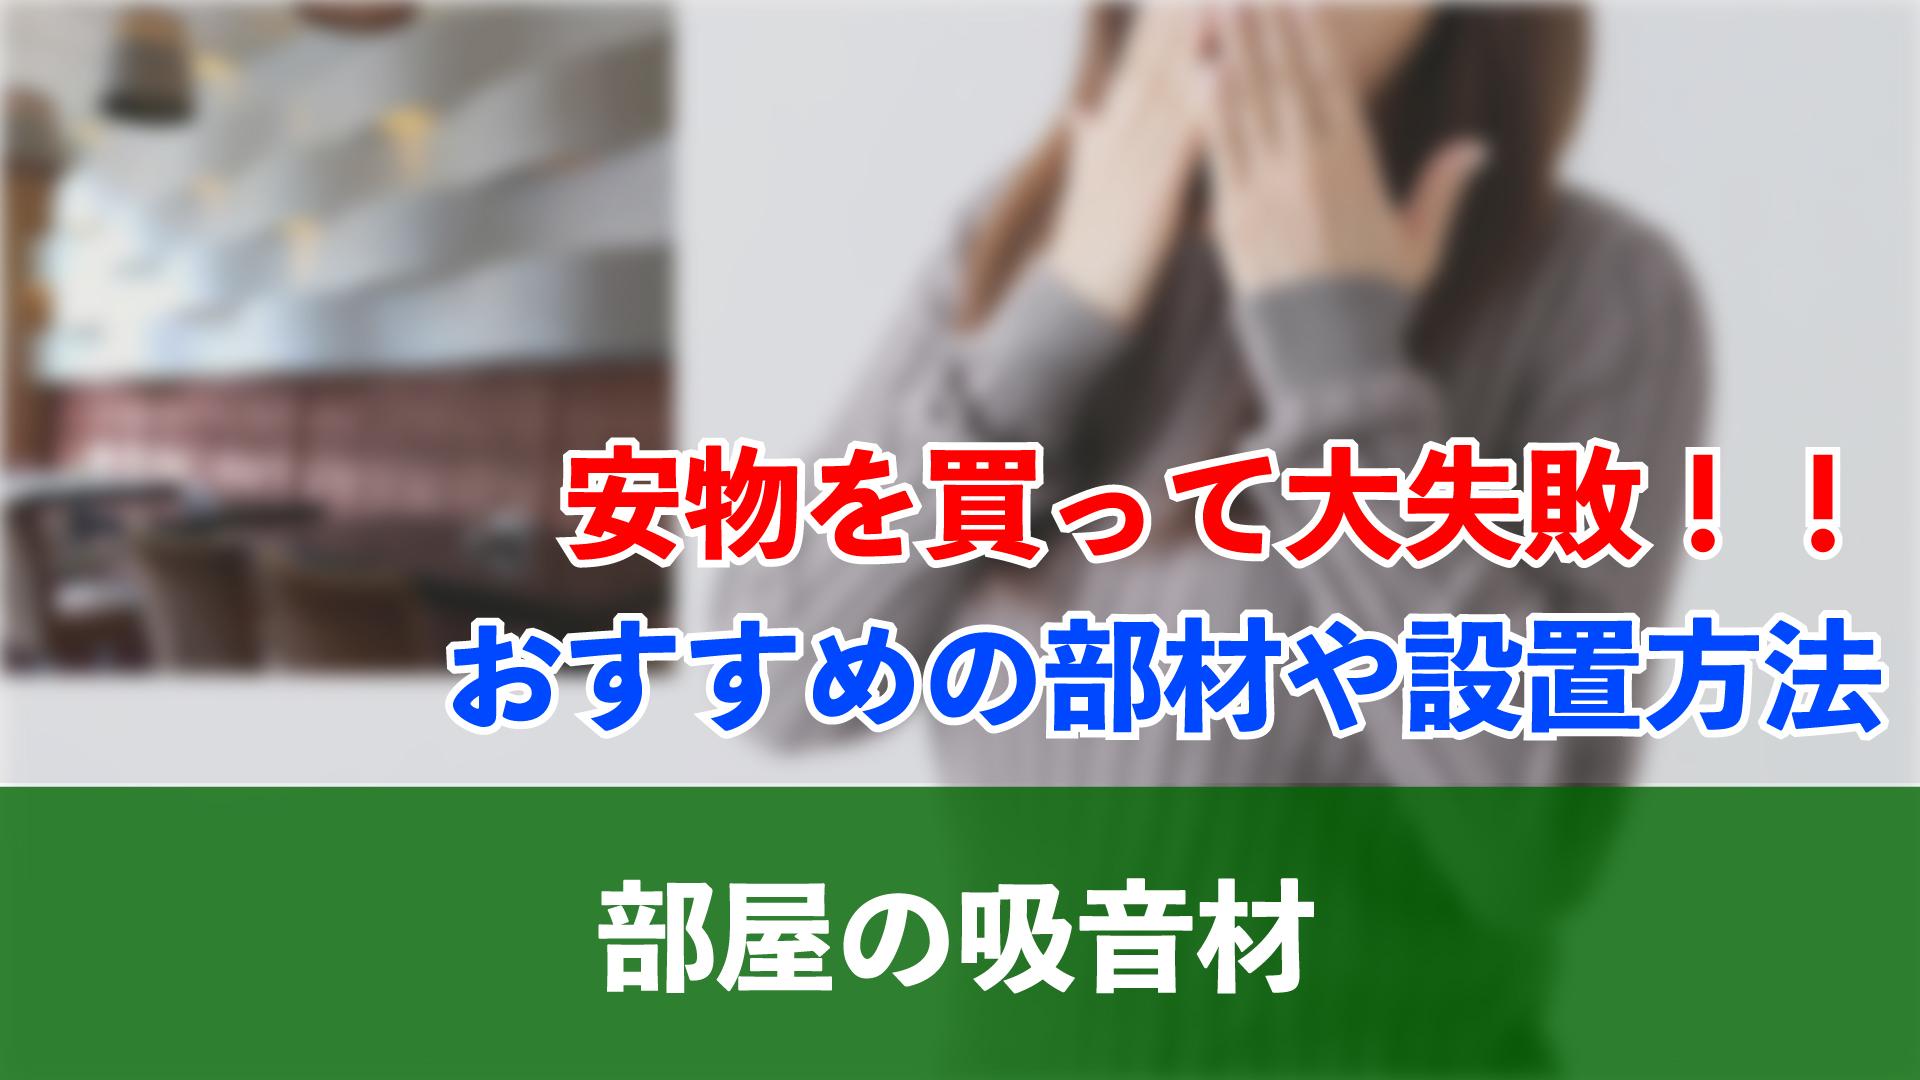 部屋の吸音材【オススメ】安物買って失敗した話_thumbnail